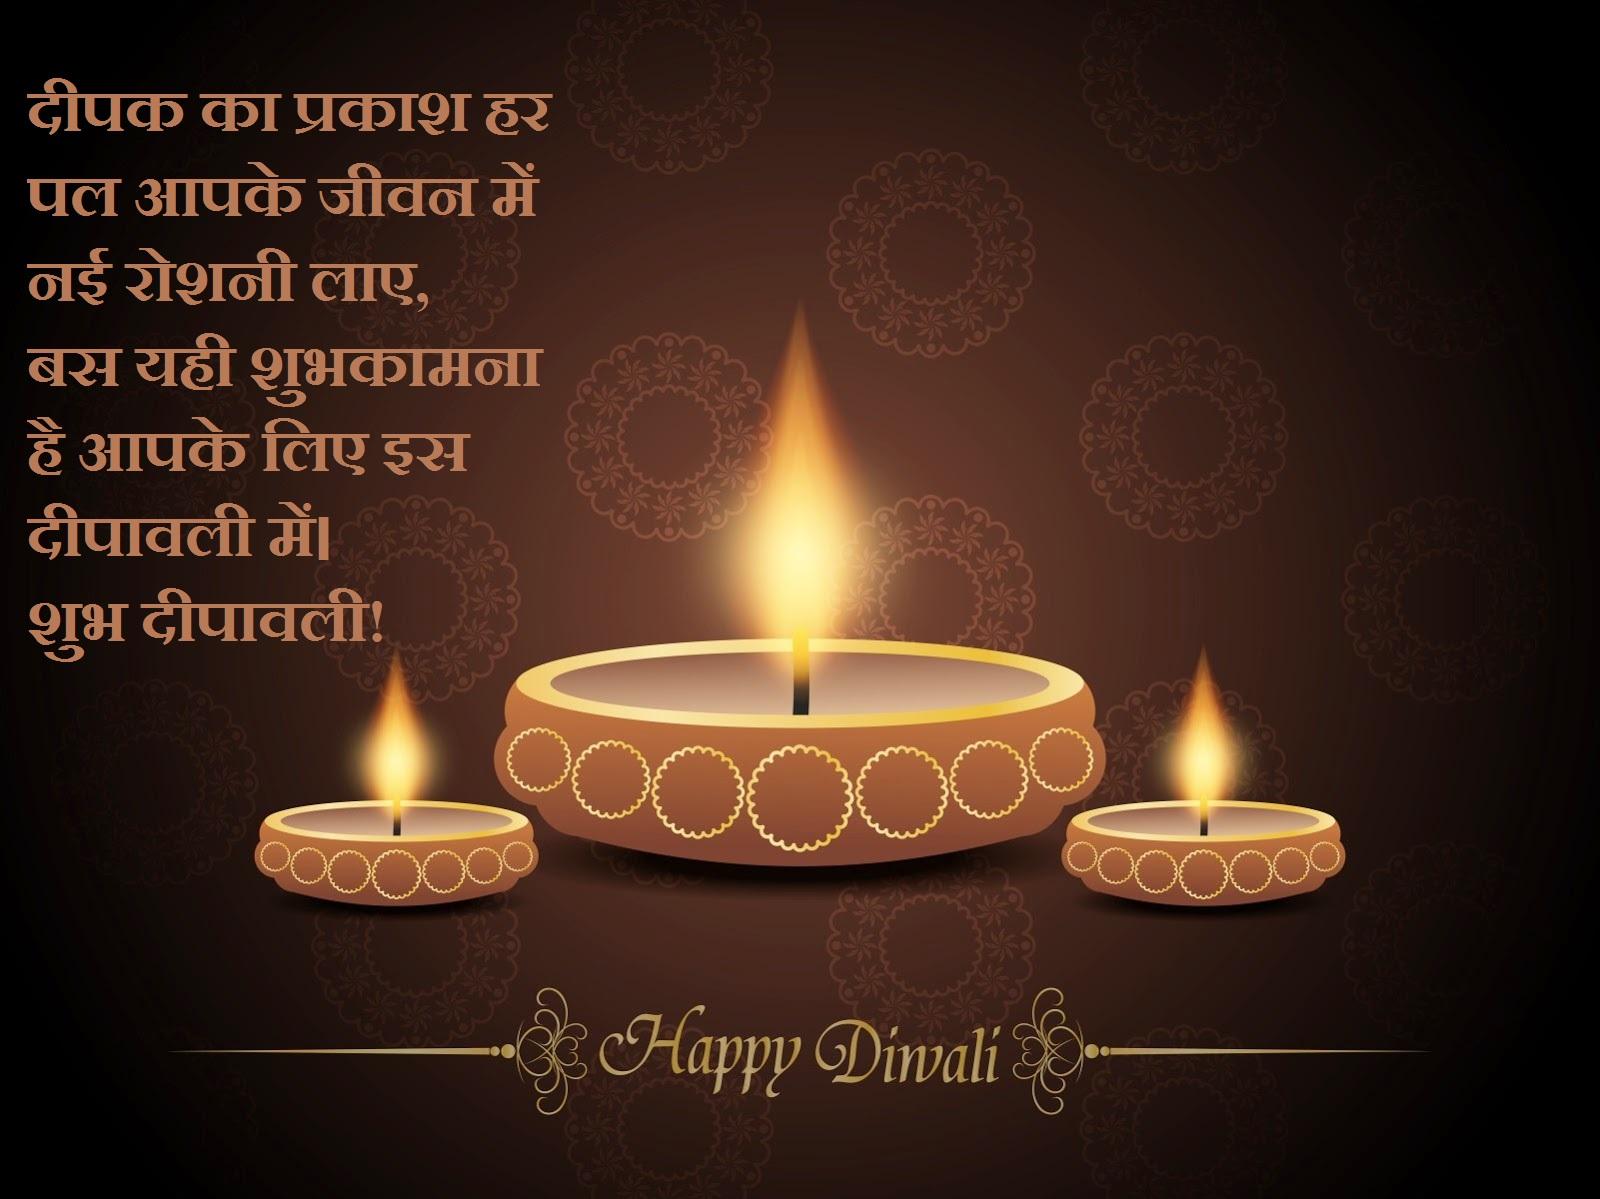 Diwali ShubhKamnaye Messages